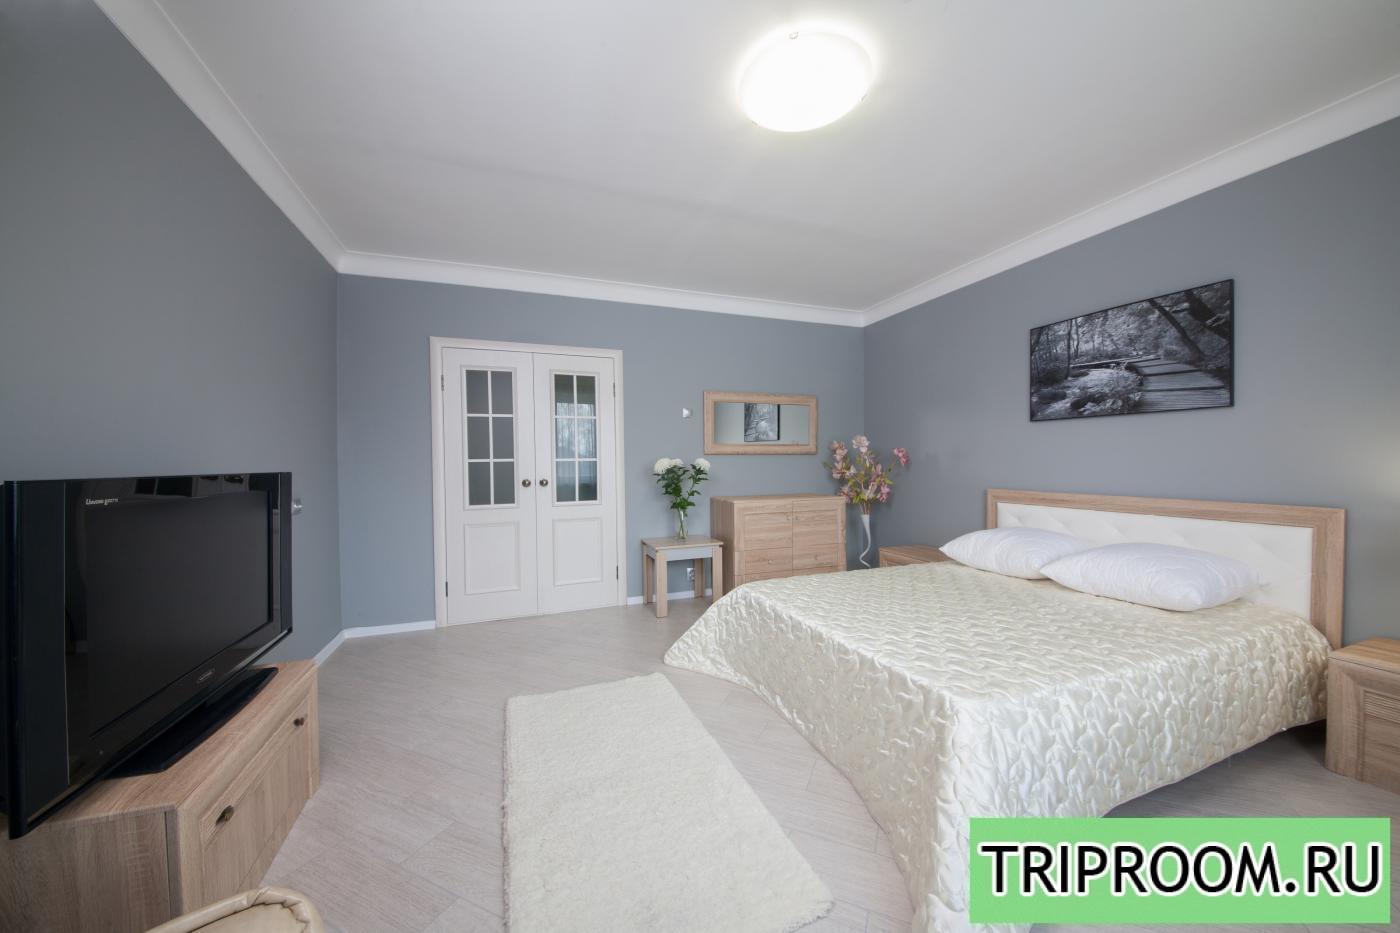 1-комнатная квартира посуточно (вариант № 17220), ул. 78 Добровольческой, фото № 1